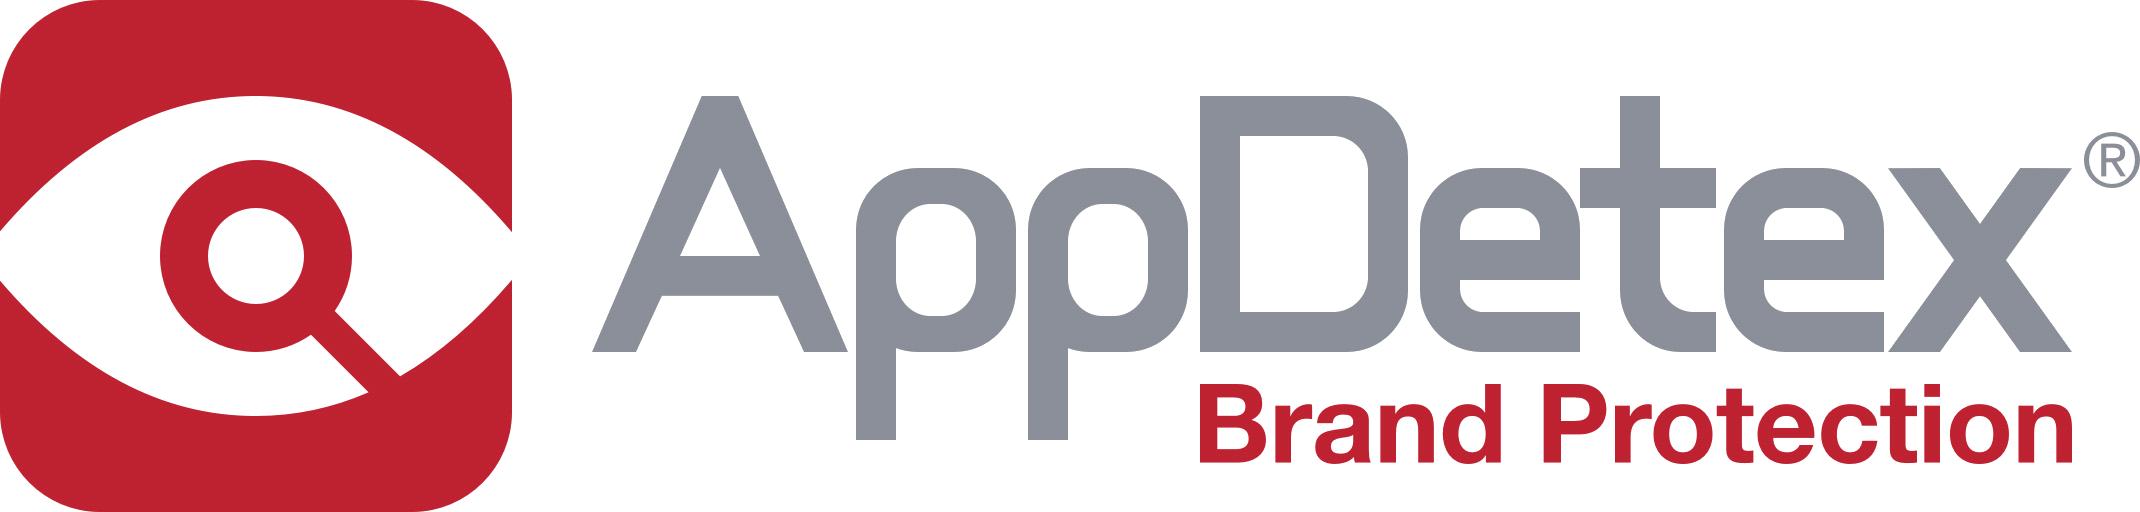 Brand Protection Logo high resolution transparent bg